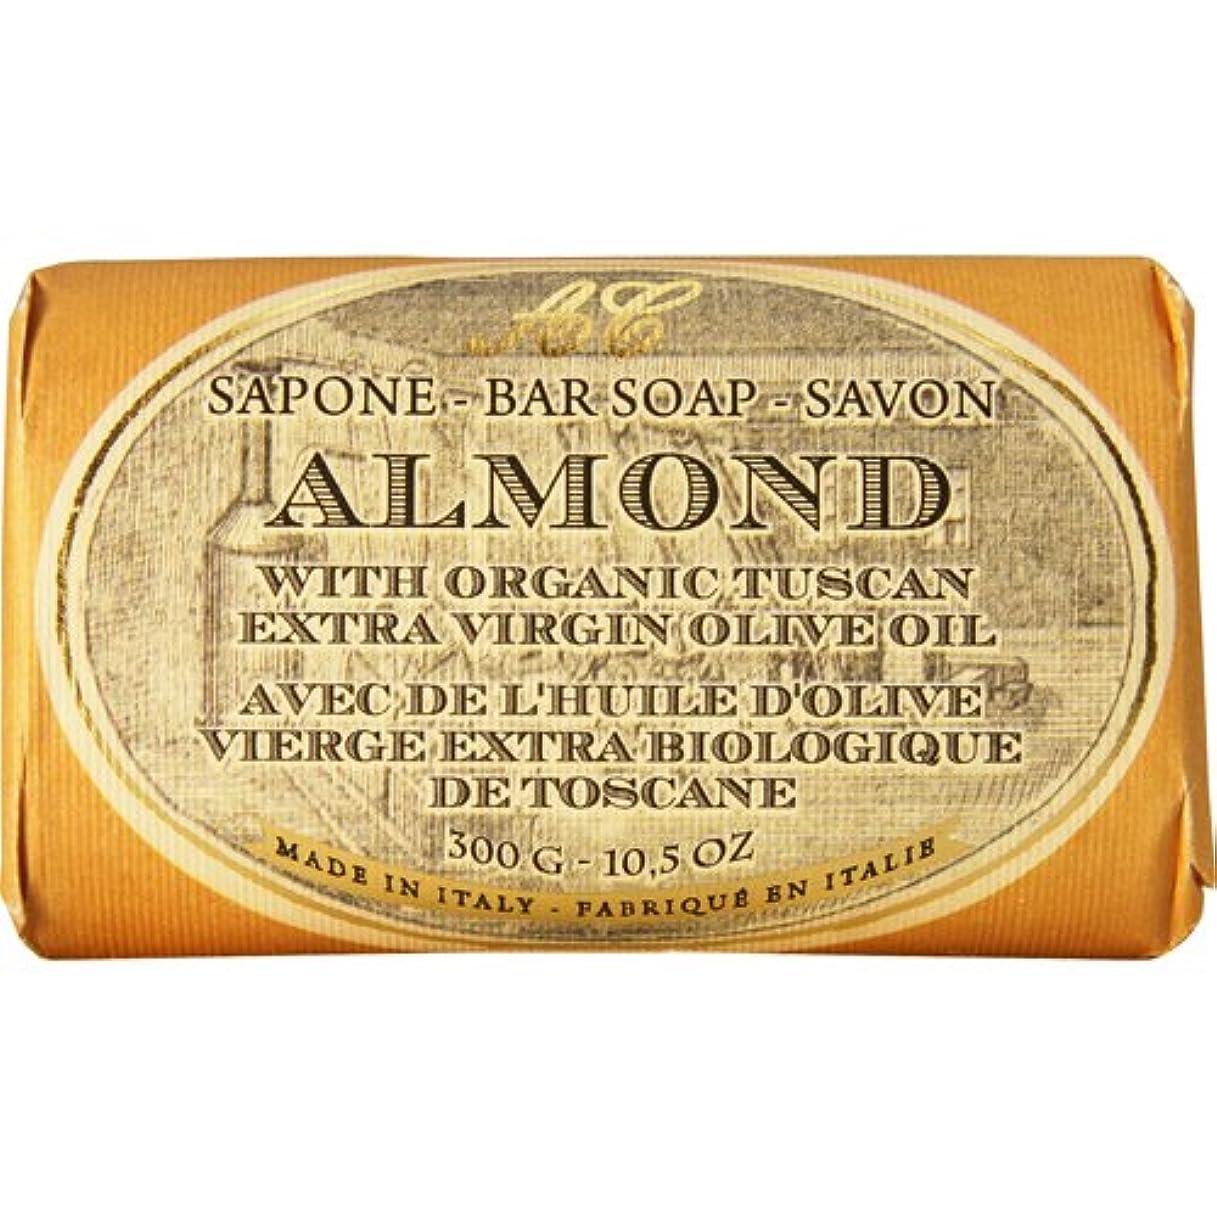 宿復活させる毎週Saponerire Fissi レトロシリーズ Bar Soap バーソープ 300g Almond アーモンドオイル